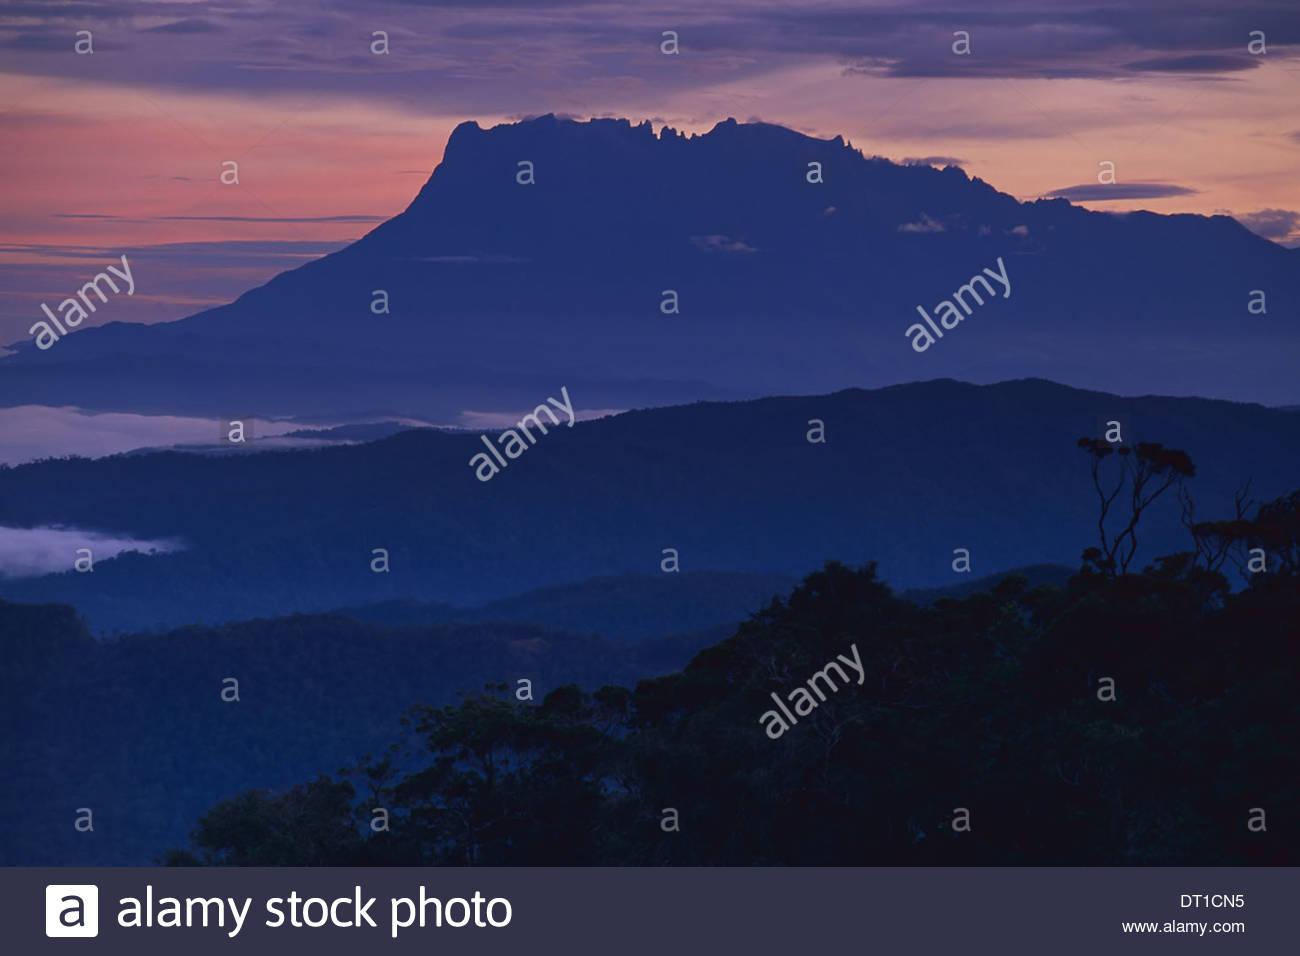 Mt Kinabalu National Park Sabah Borneo Mount Kinabalu at dawn Sabah Borneo - Stock Image